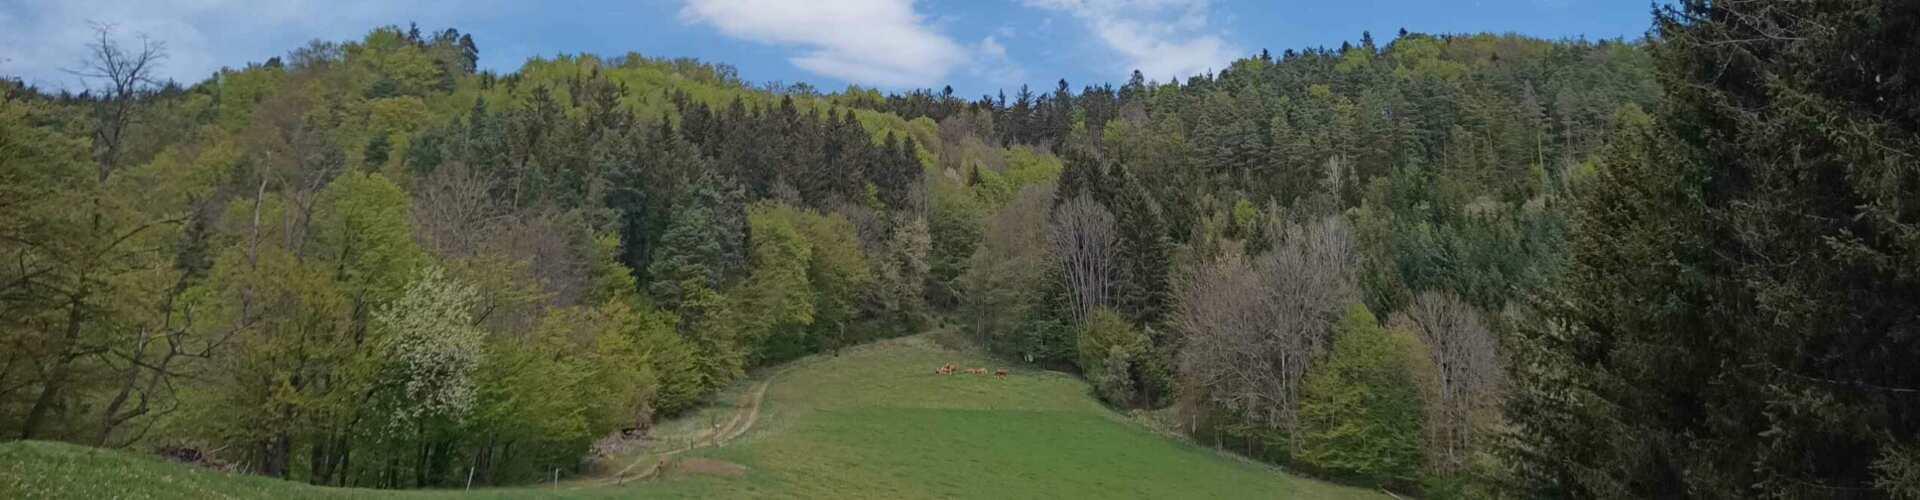 Berglandschaft mit Bäumen und Kühen in der Ferne